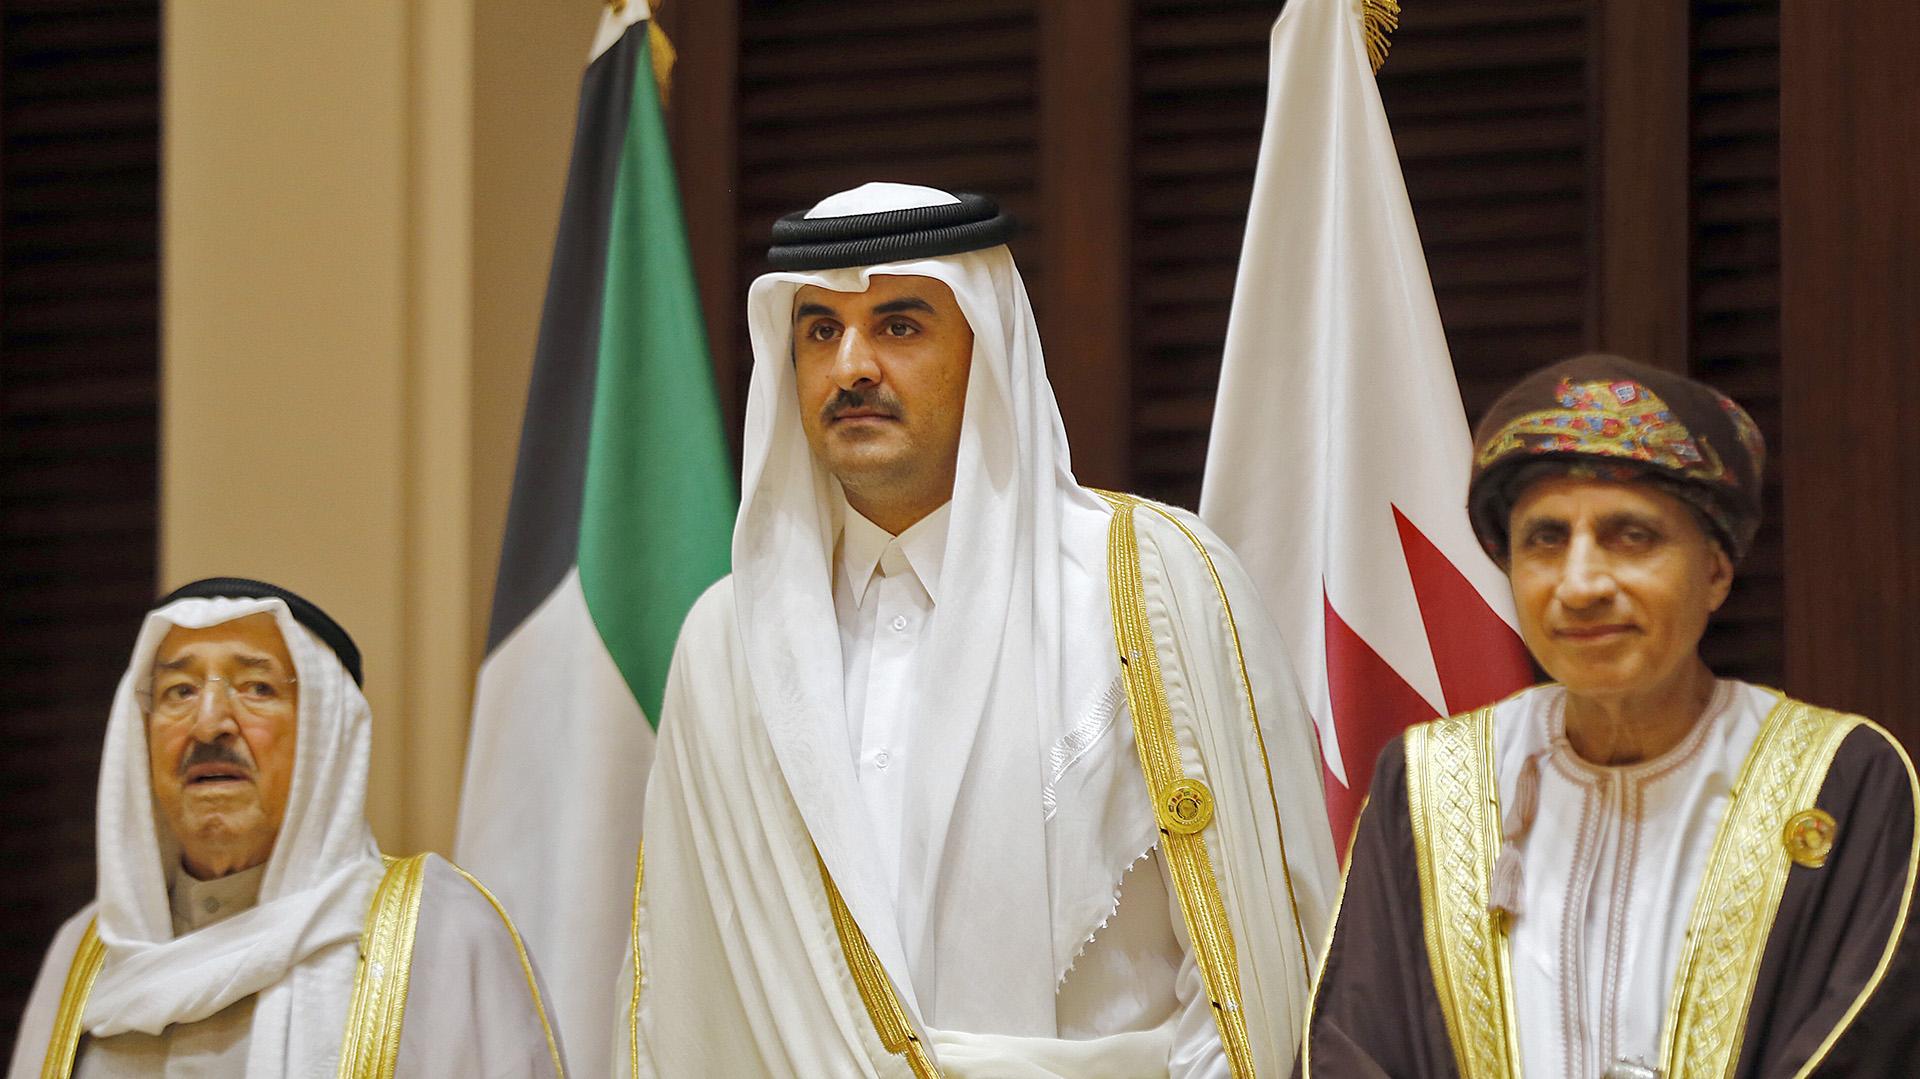 El emir de Qatar, Tanim bin Hamad al Thani, rodeado por el emir de Kuwait –a su derecha–, Sabah al Ahmad al Jaber al Sabah, y el ministro de Exteriores de Omán –a su izquierda–, Yusuf bin Alawi, durante una reunión del CCG. Omán y Kuwait no se sumaron al bloqueo de Qatar (AFP)